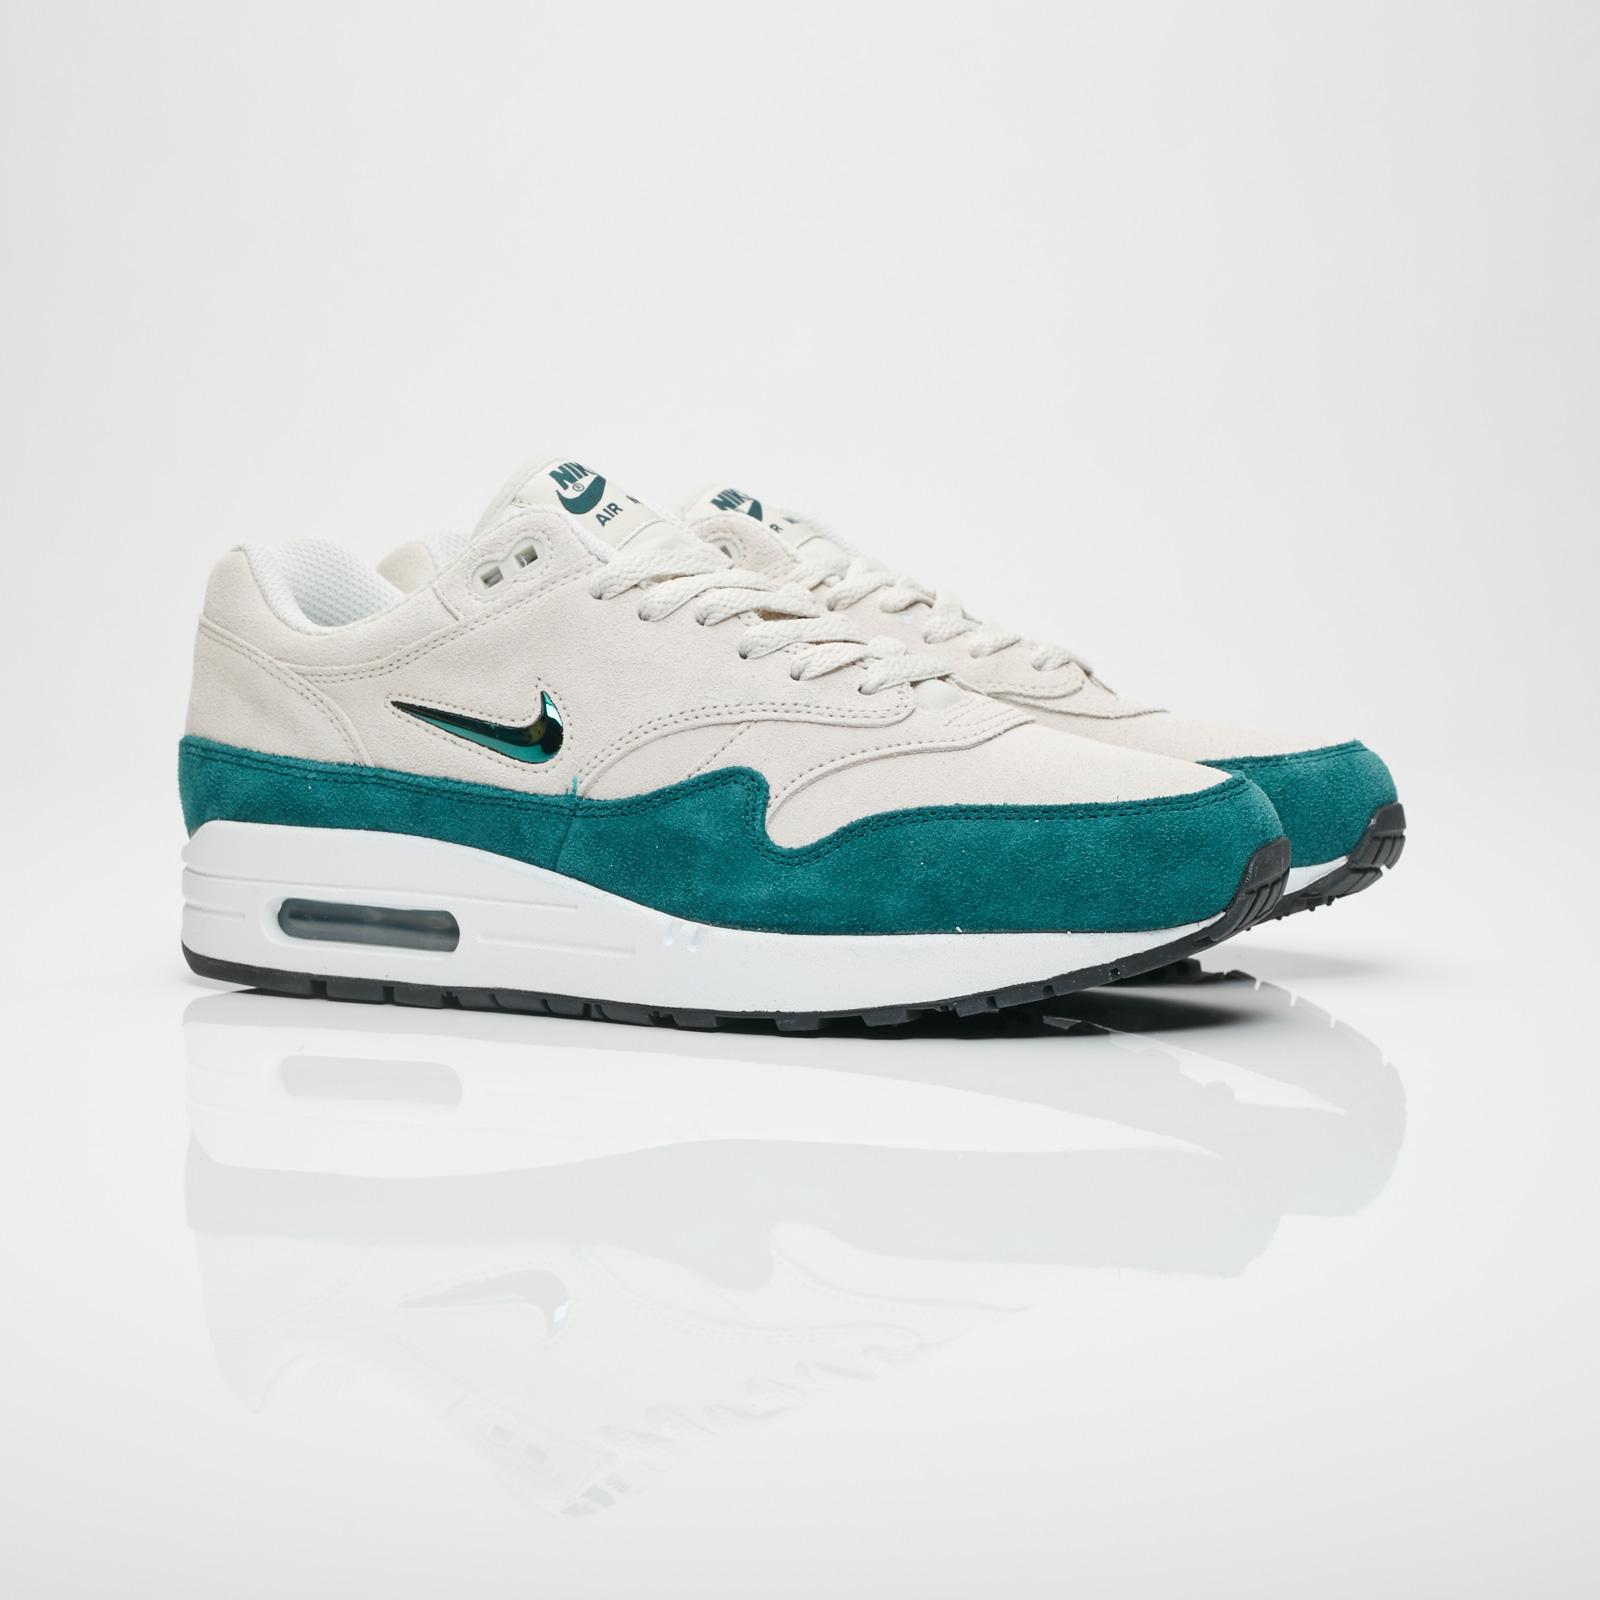 Nike Air Max 1 Premium SC - 918354-003 - SNS | sneakers ...